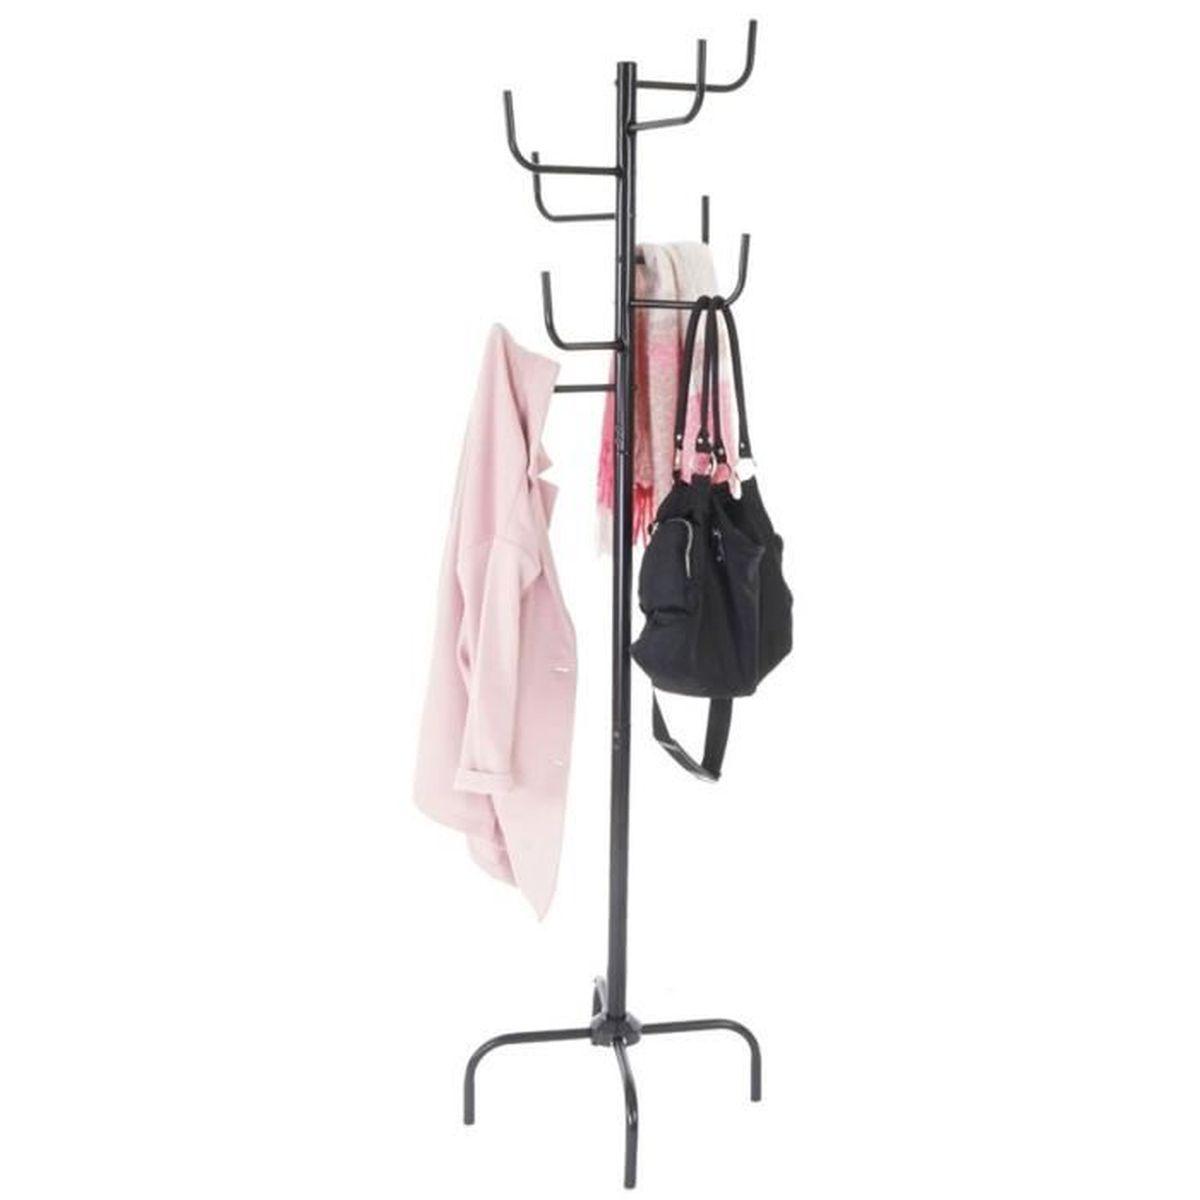 Porte-manteau coloris noir - Dim : 172 x 49 x 49 cm